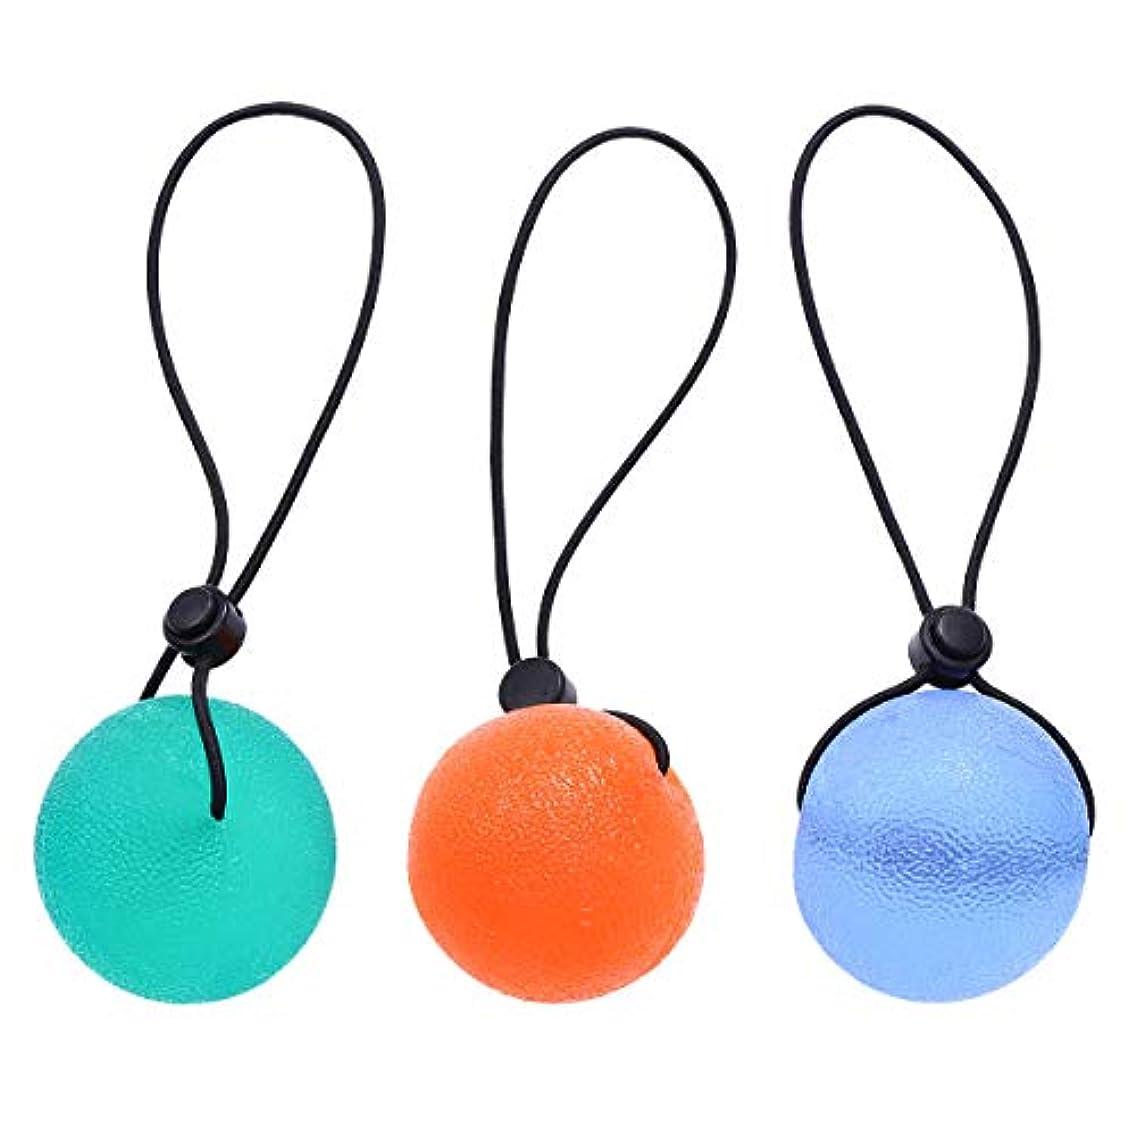 電子熟す聴くHEALLILY 3個ハンドセラピー運動ボールグリップ強化剤指グリップボールと文字列